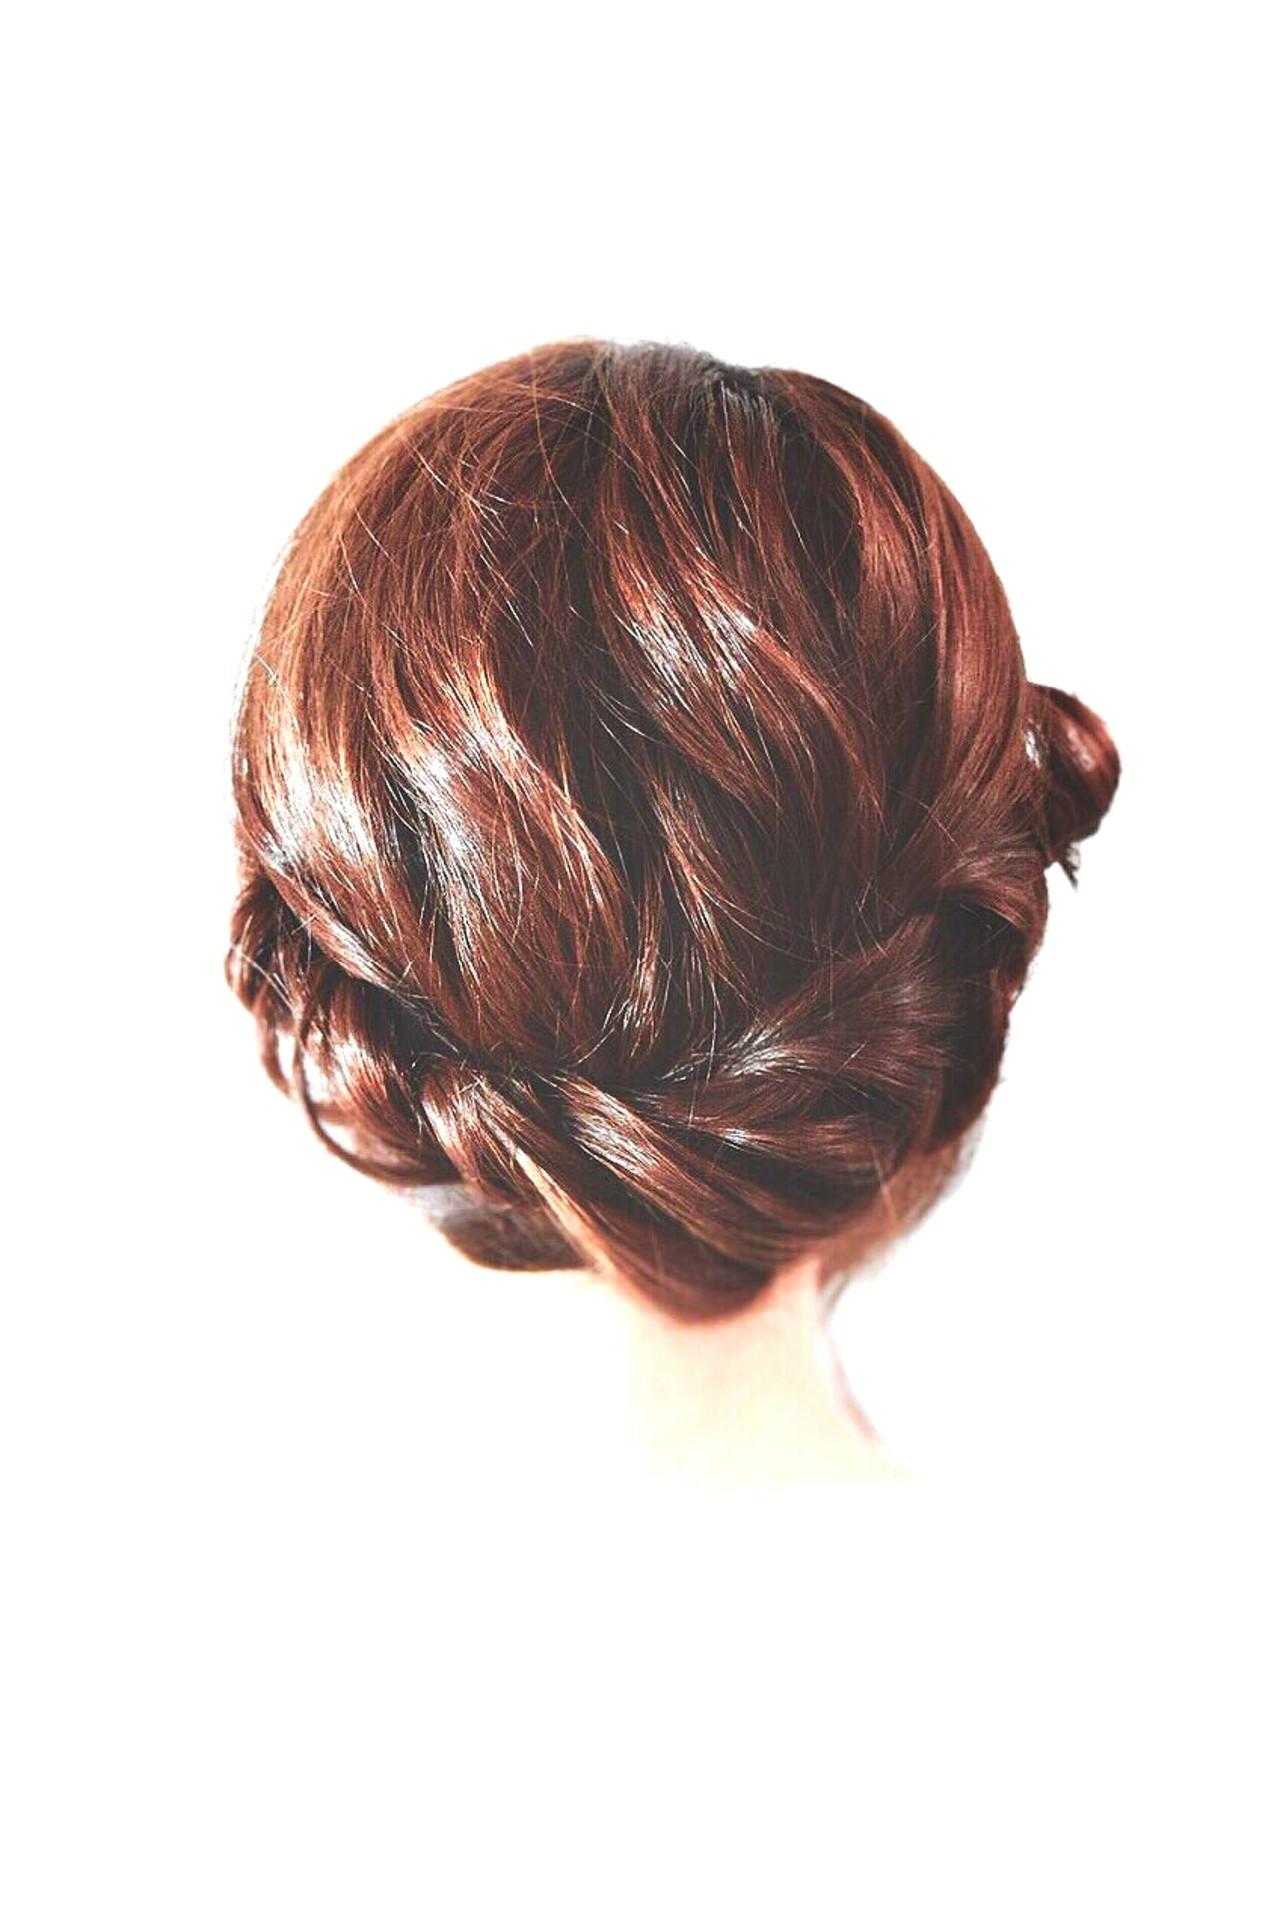 外国人風 大人かわいい フェミニン ヘアアレンジ ヘアスタイルや髪型の写真・画像